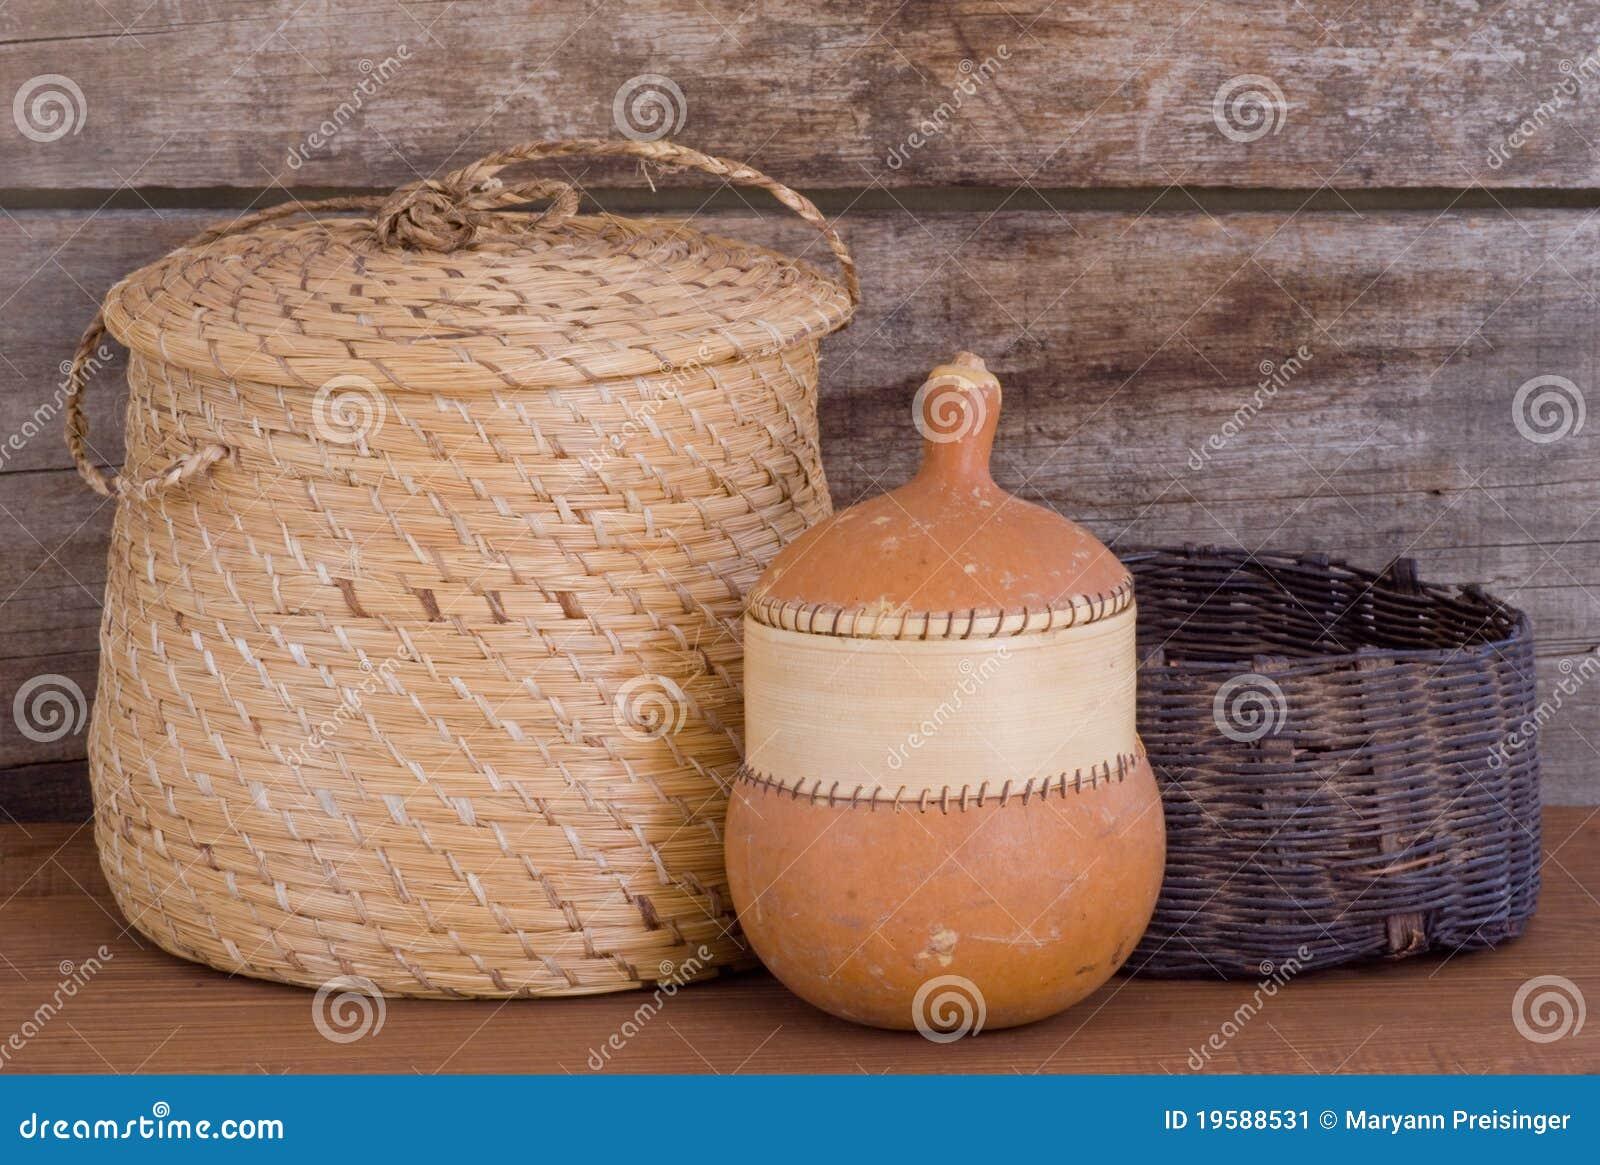 Zucca indiana natale dei cestini di tessitura sulla mensola